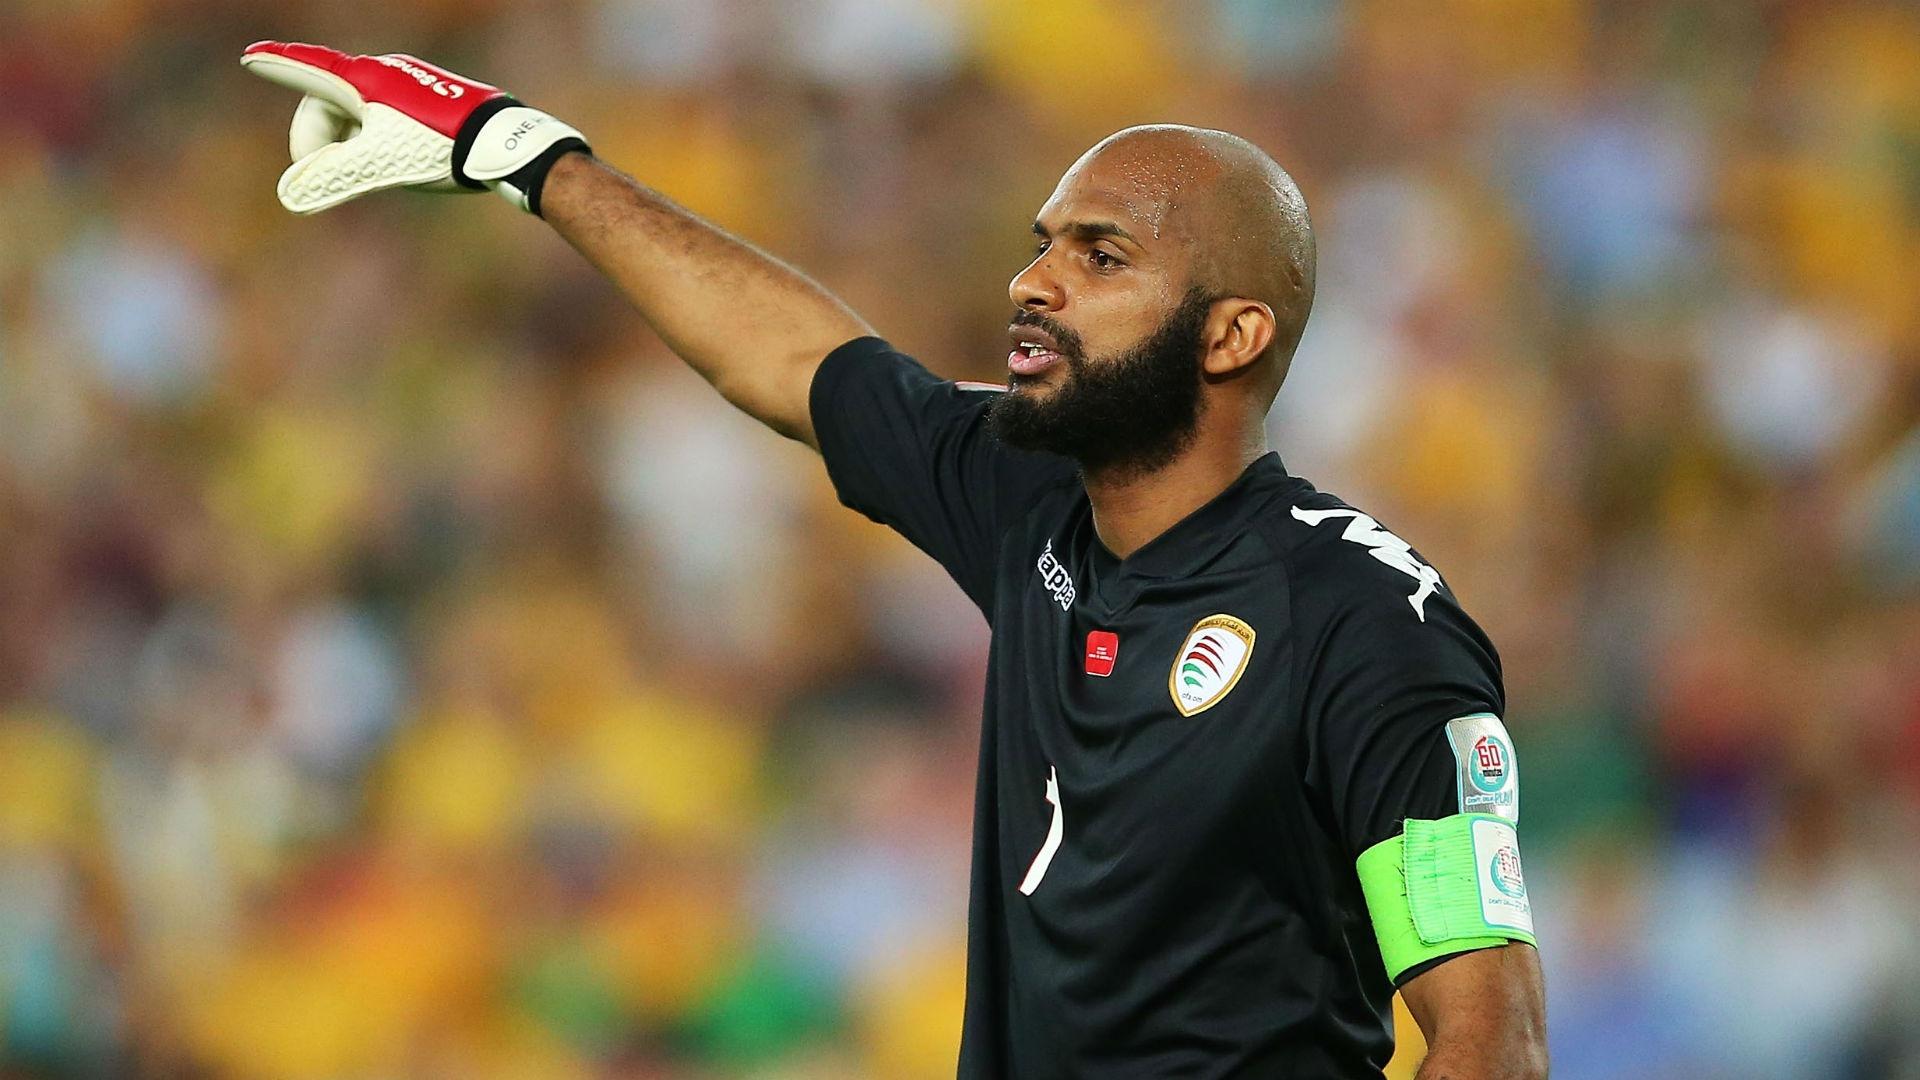 Al Habsi – từ lính cứu hỏa Oman đến người gác đền Premier League